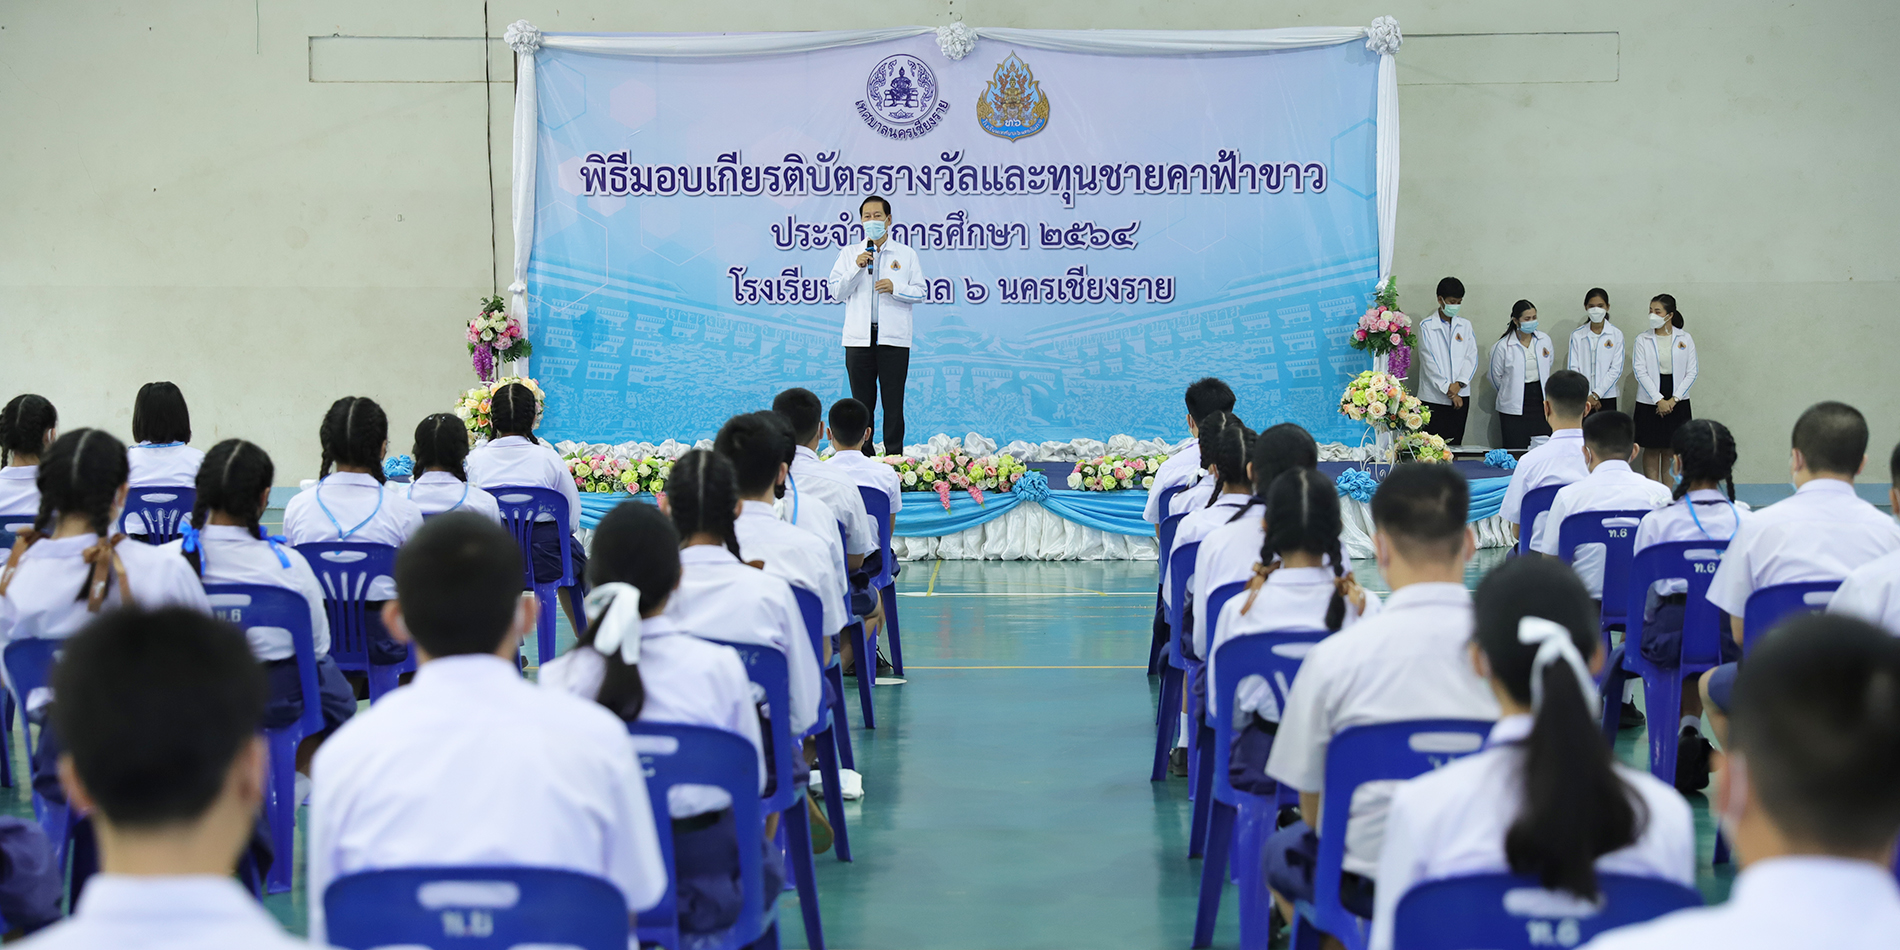 พิธีมอบเกียรติบัตรรางวัลและทุนชายคาฟ้าขาว ปีการศึกษา 2564